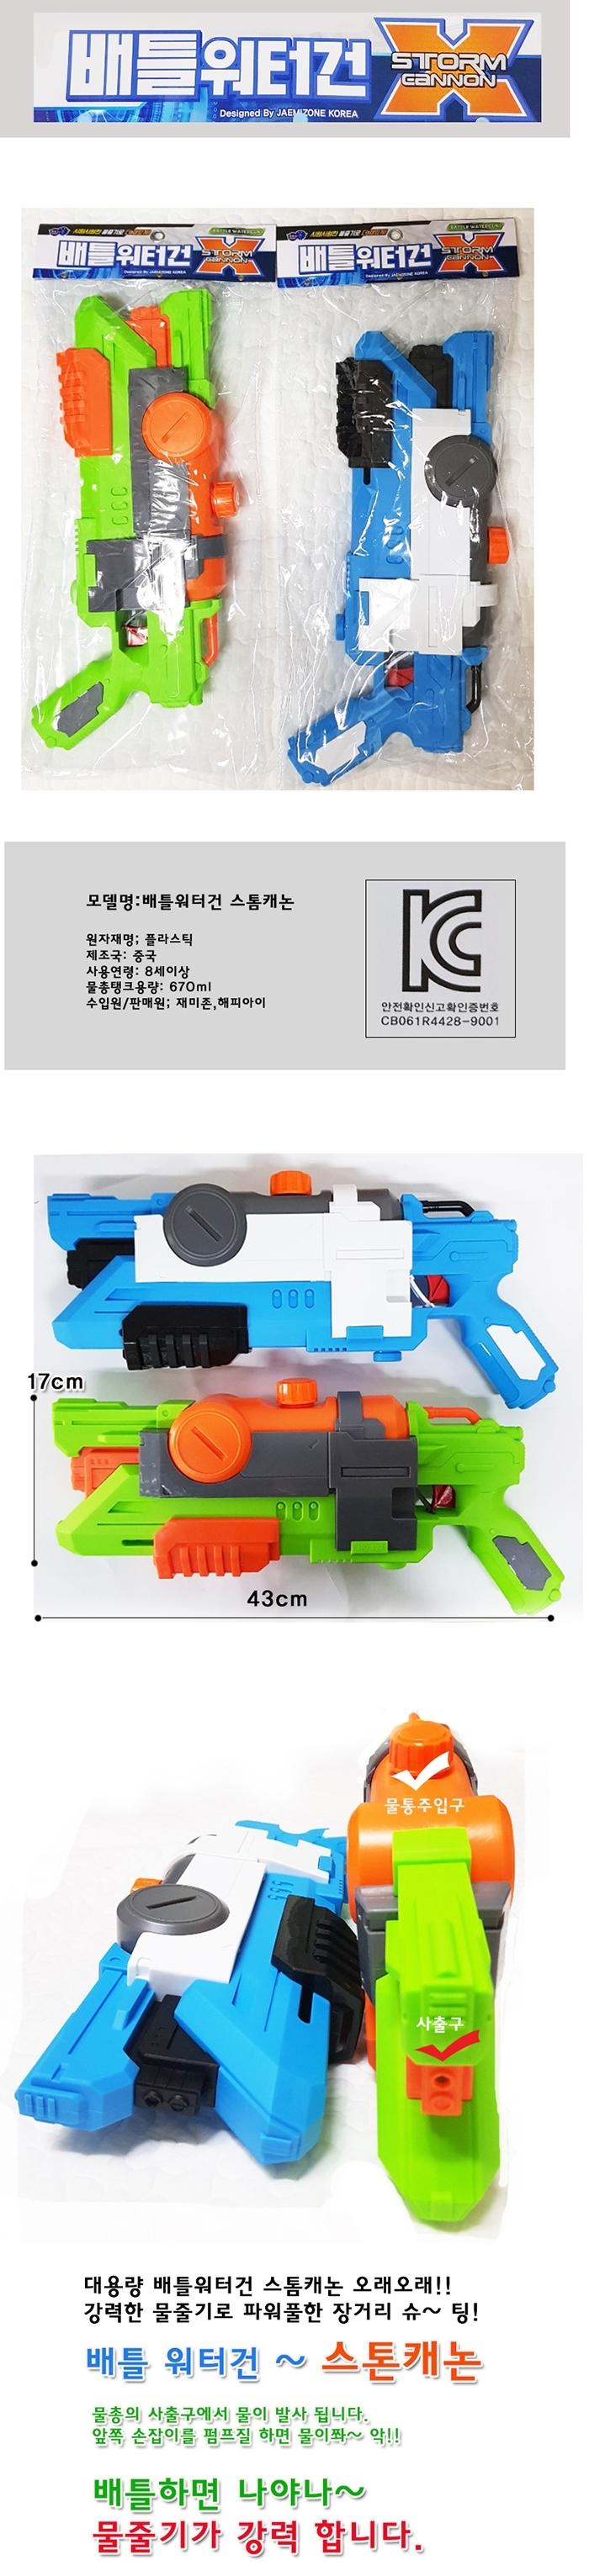 배틀 워터건 스톰캐논 물총 (랜덤) - 우토, 10,300원, 장난감, 장난감